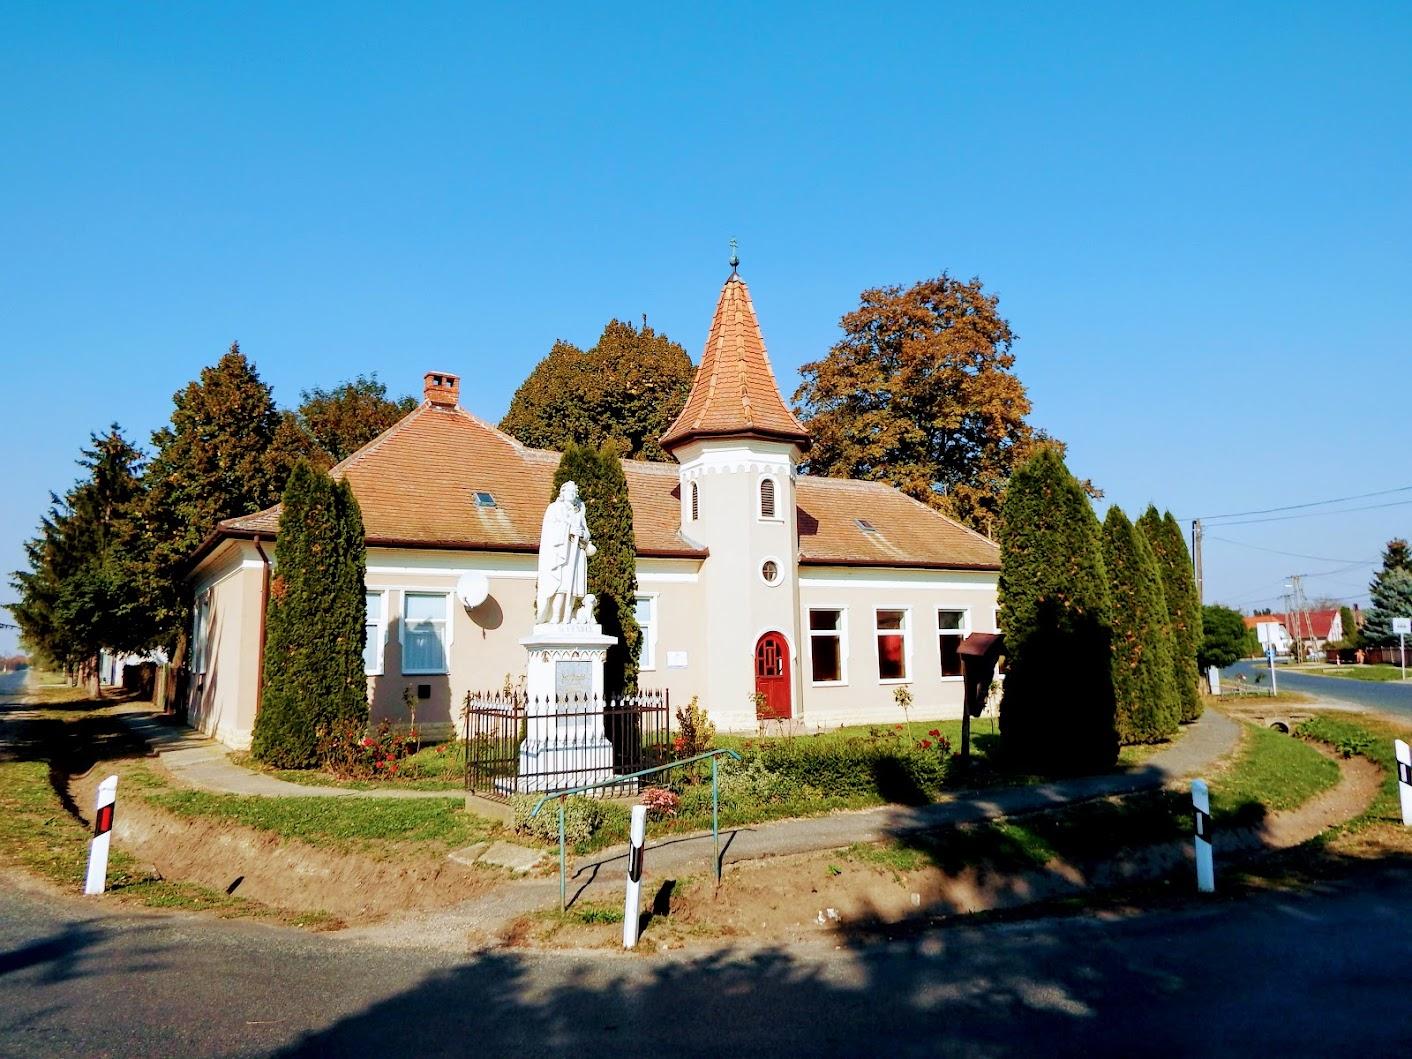 Chernelházadamonya - Szent Vendel rk. iskolakápolna